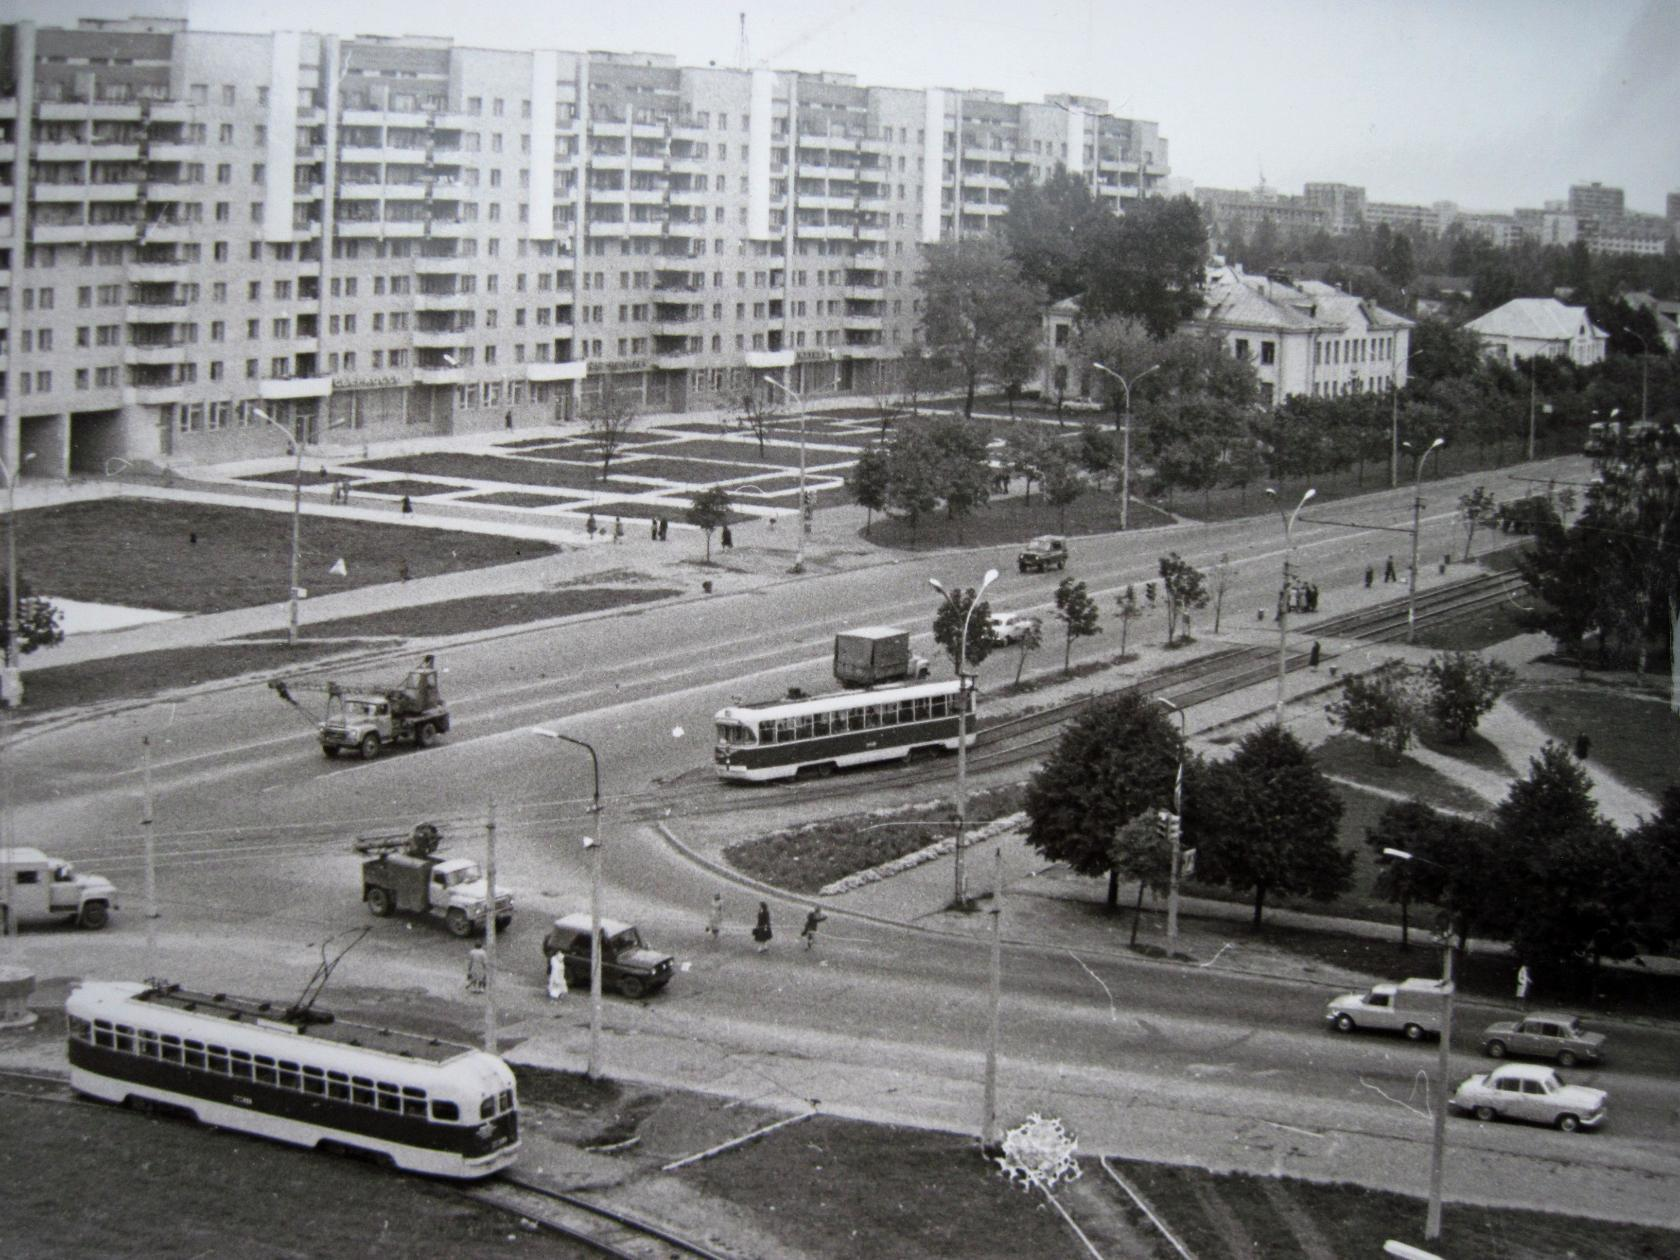 Трамвайное кольцо на улице Волгоградской. Его ликвидировали буквально пару лет назад…